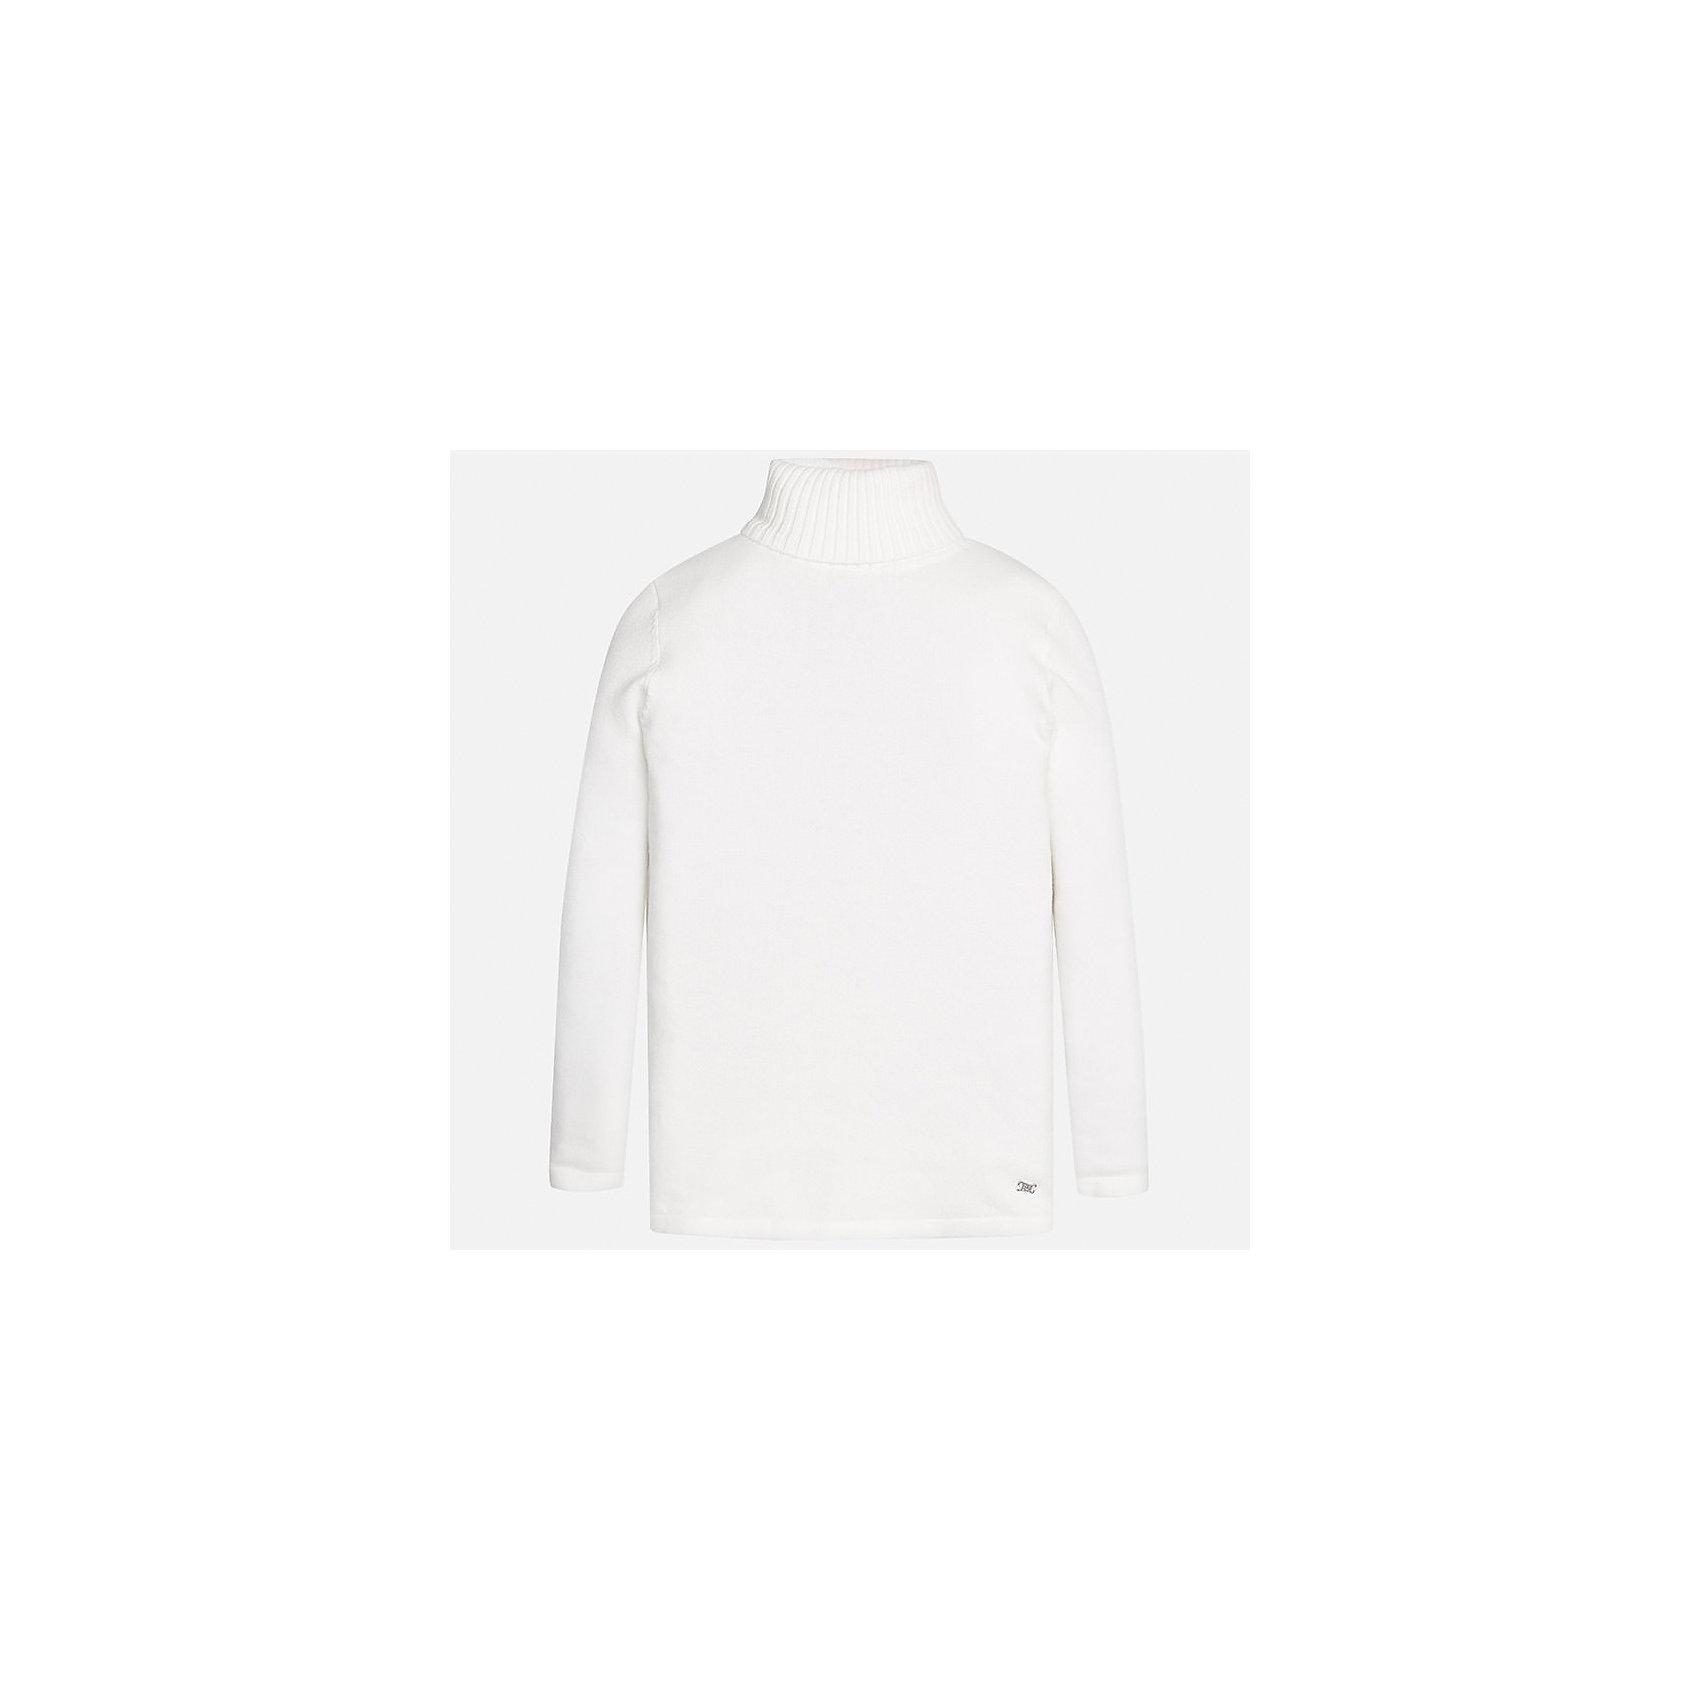 Водолазка Mayoral для девочкиВодолазки<br>Характеристики товара:<br><br>• цвет: белый<br>• состав ткани: 80% хлопок, 17% полиамид, 3% эластан<br>• сезон: демисезон<br>• особенности: высокий ворот<br>• длинные рукава<br>• страна бренда: Испания<br>• страна изготовитель: Индия<br><br>Белый свитер для девочки Mayoral удобно сидит по фигуре. Этот детский свитер сделан из дышащего эластичного материала. Простой способ обеспечить ребенку комфорт и аккуратный внешний вид - надеть детский свитер от Mayoral. <br><br>Свитер для девочки Mayoral (Майорал) можно купить в нашем интернет-магазине.<br><br>Ширина мм: 190<br>Глубина мм: 74<br>Высота мм: 229<br>Вес г: 236<br>Цвет: белый<br>Возраст от месяцев: 168<br>Возраст до месяцев: 180<br>Пол: Женский<br>Возраст: Детский<br>Размер: 170,128/134,140,152,158,164<br>SKU: 6920014